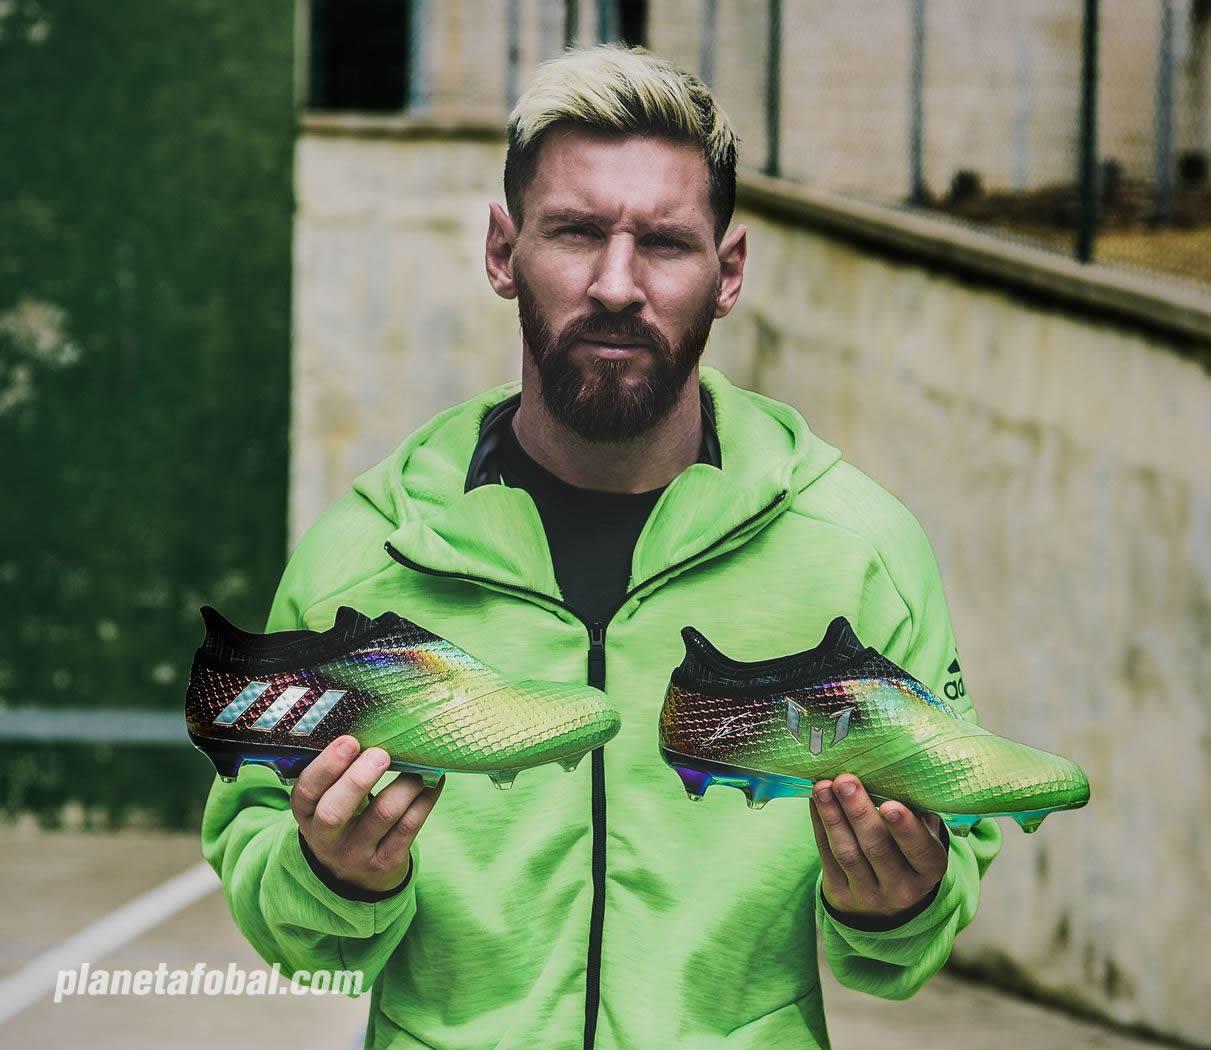 507f1399 Nuevos botines edición limitada 10/10 | Foto Adidas